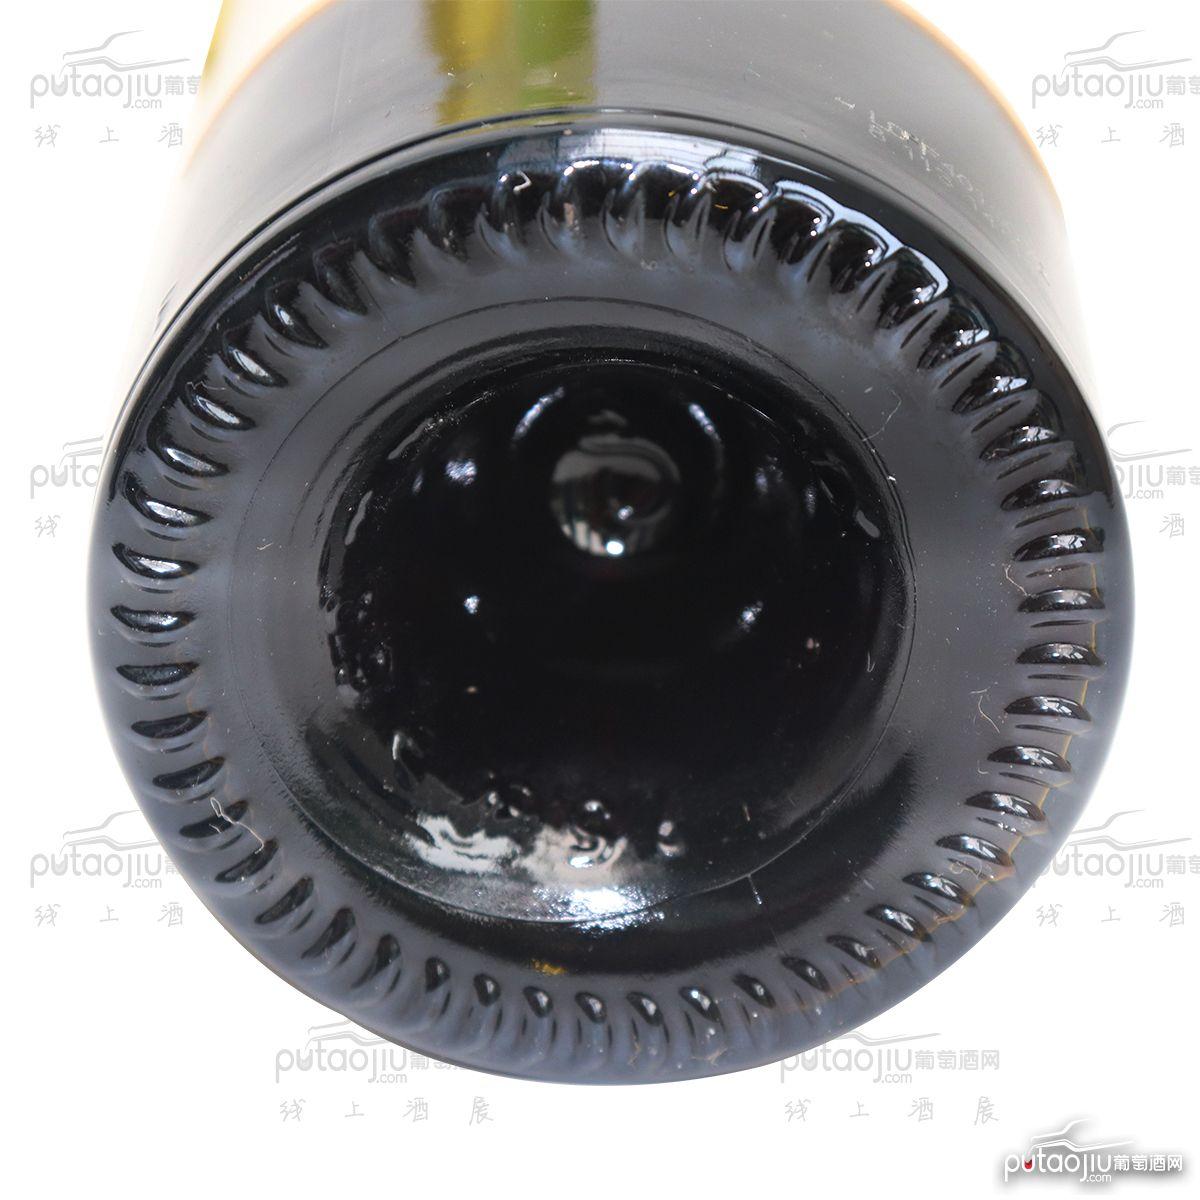 法国南部夏凡酒庄维泽尼亚混酿VDF干红葡萄酒